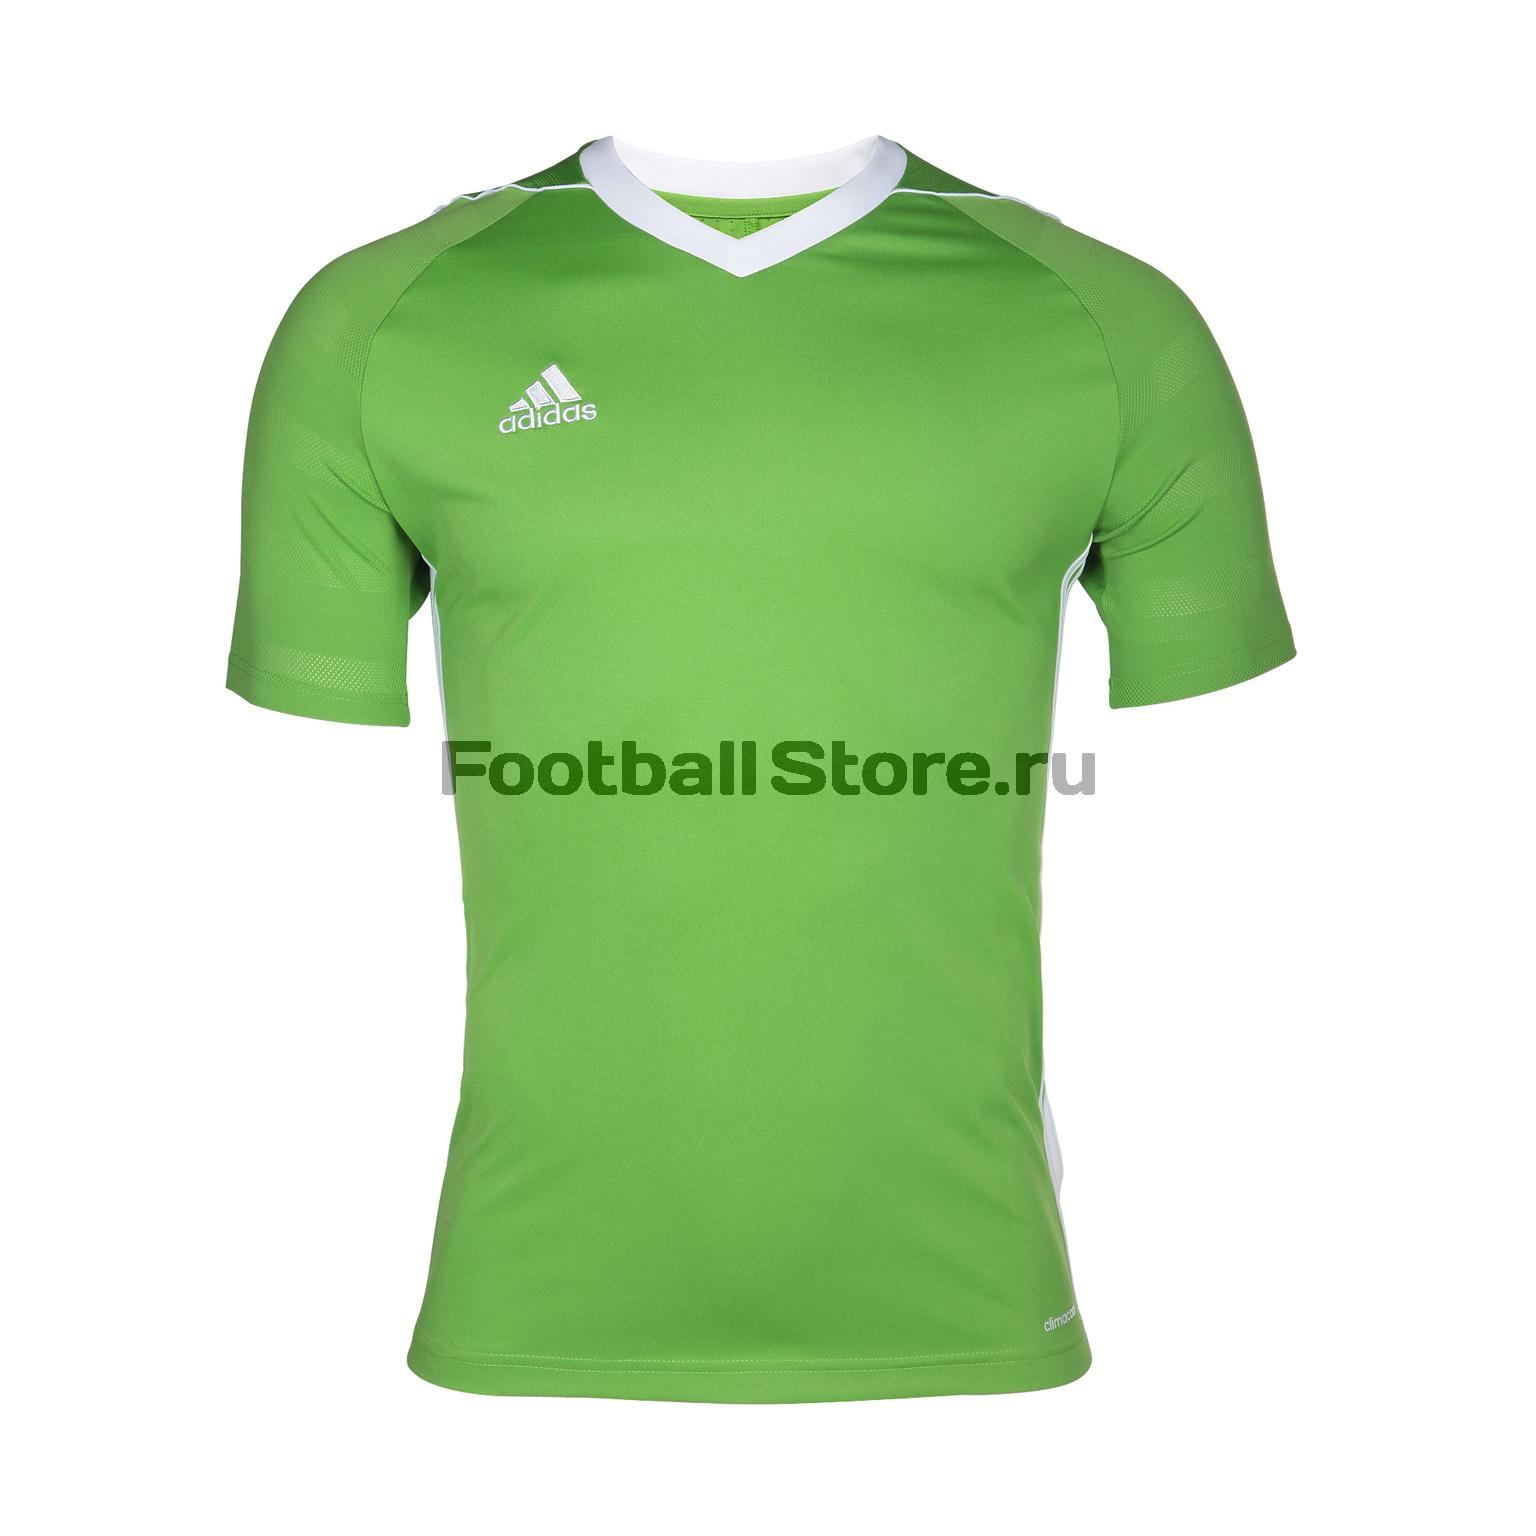 Футболка тренировочная Adidas Tiro17 JSY BK5428 футболка тренировочная adidas tiro19 tr jsy dt5288